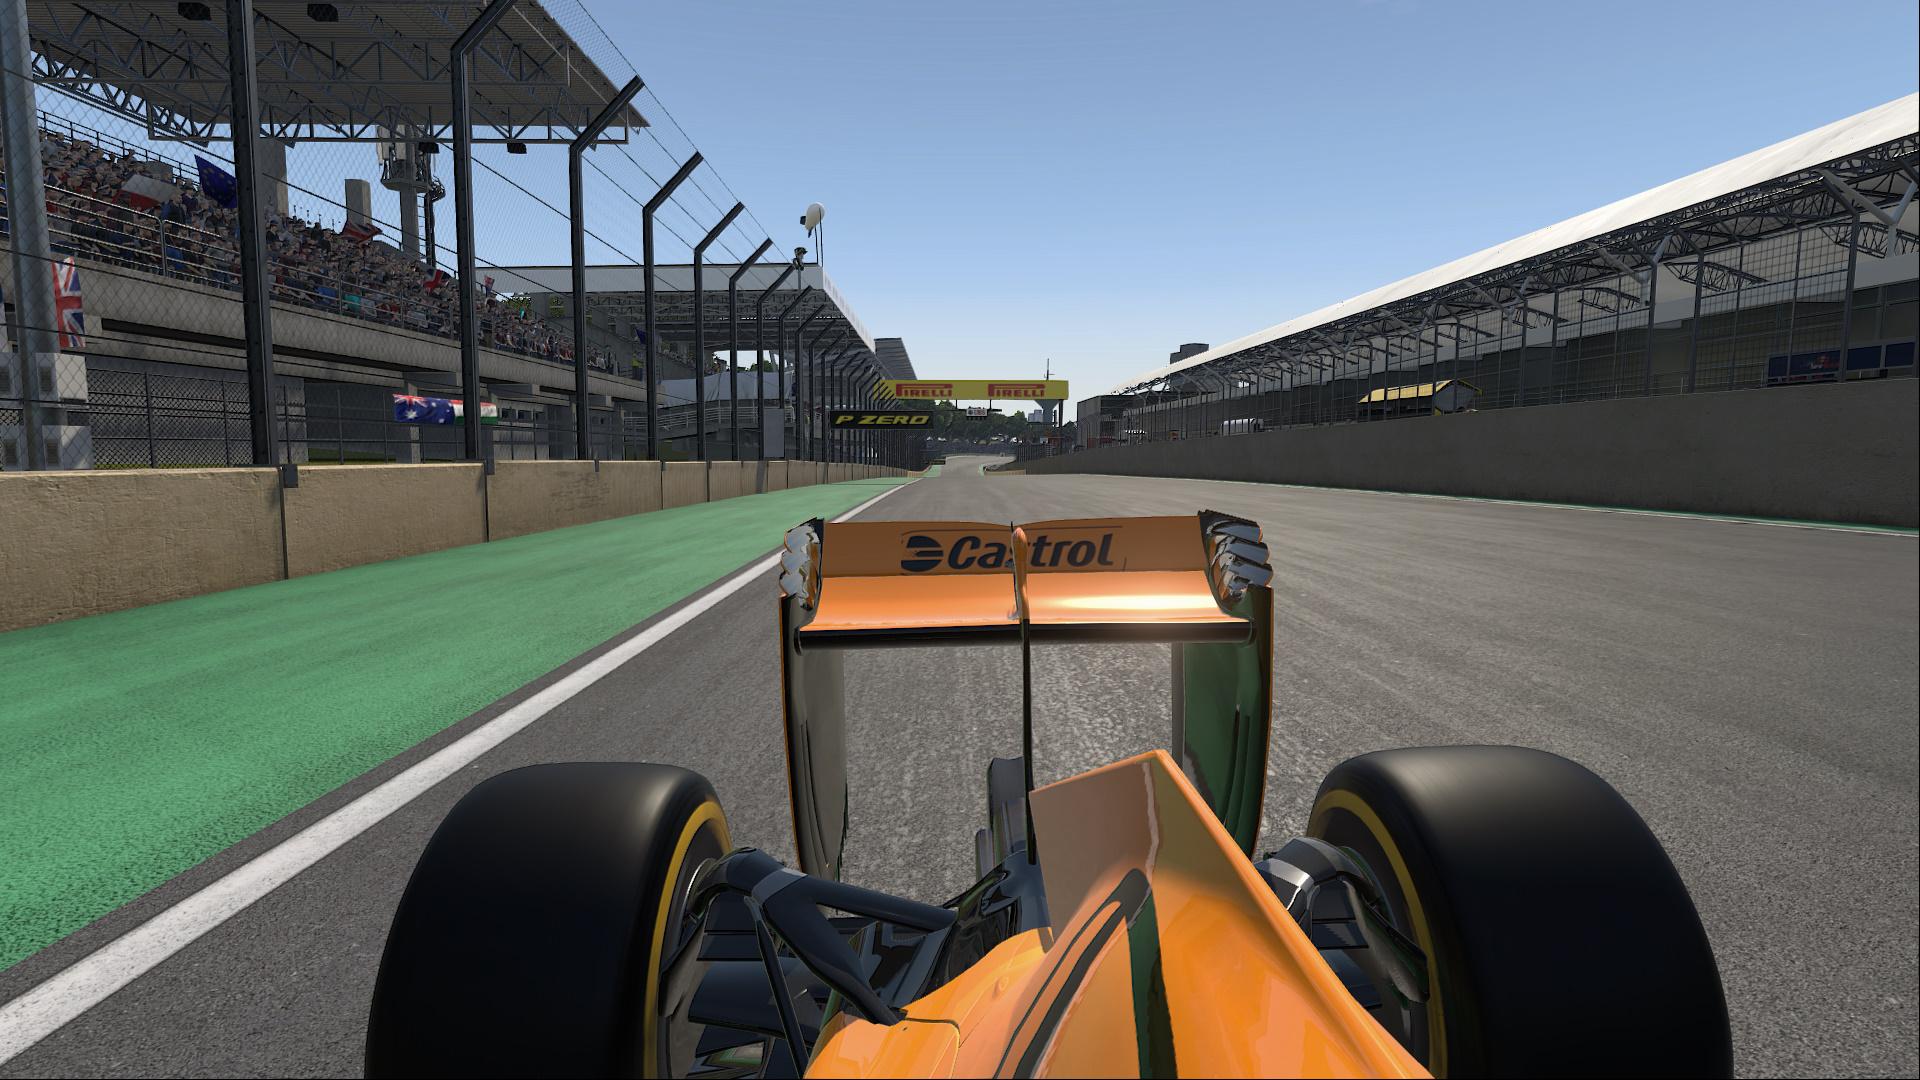 F1_2016 2017-04-17 00-41-53-610.jpg